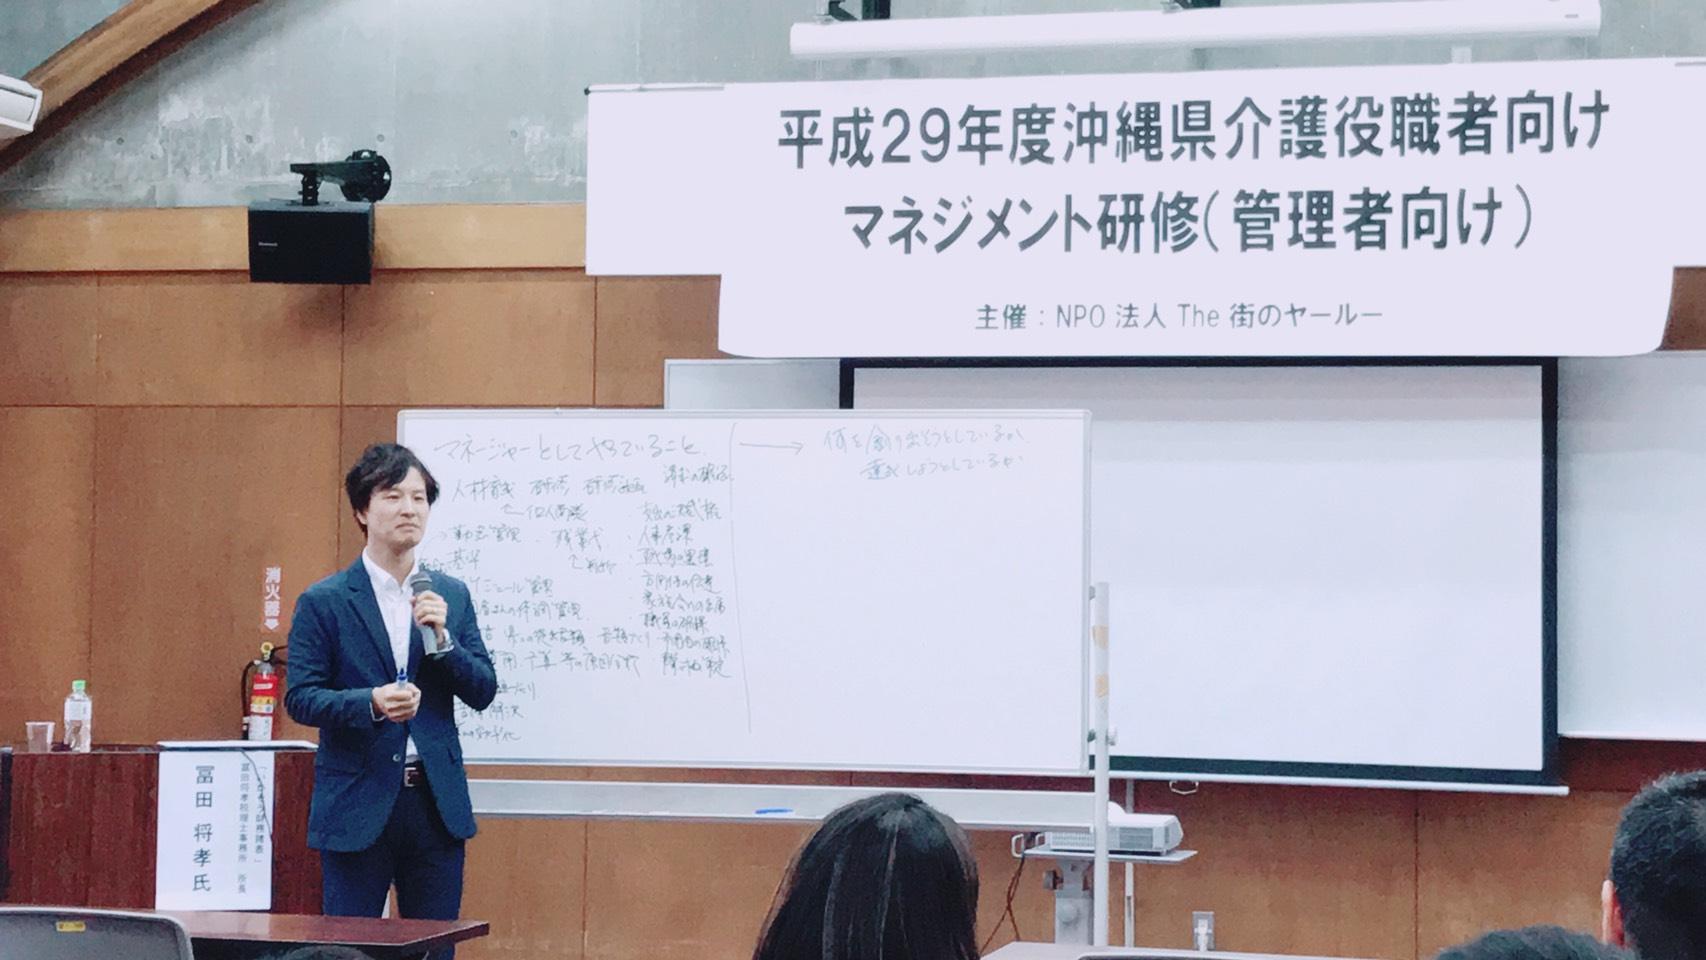 税理士 冨田将孝 氏